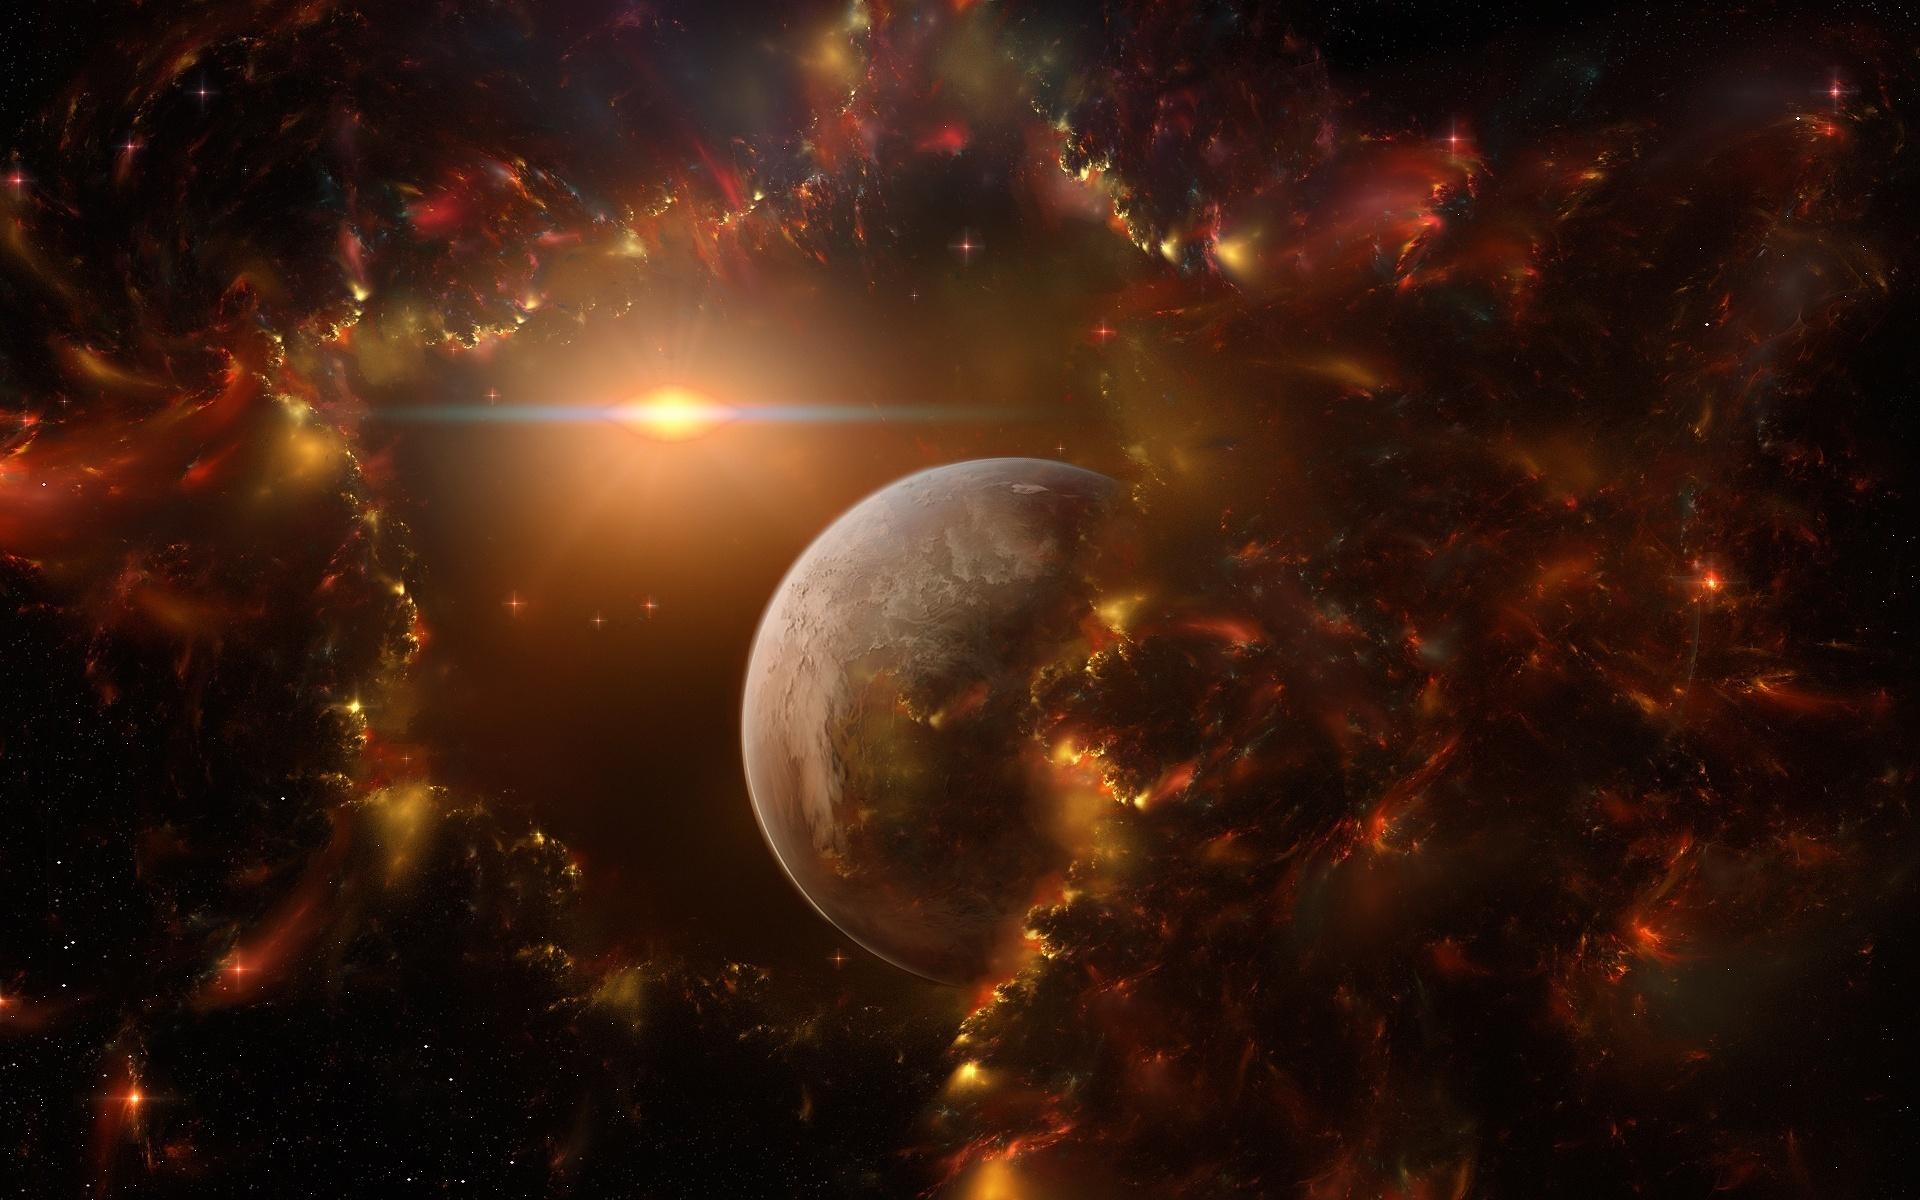 Космическая фантазия картинки, прикол пристав